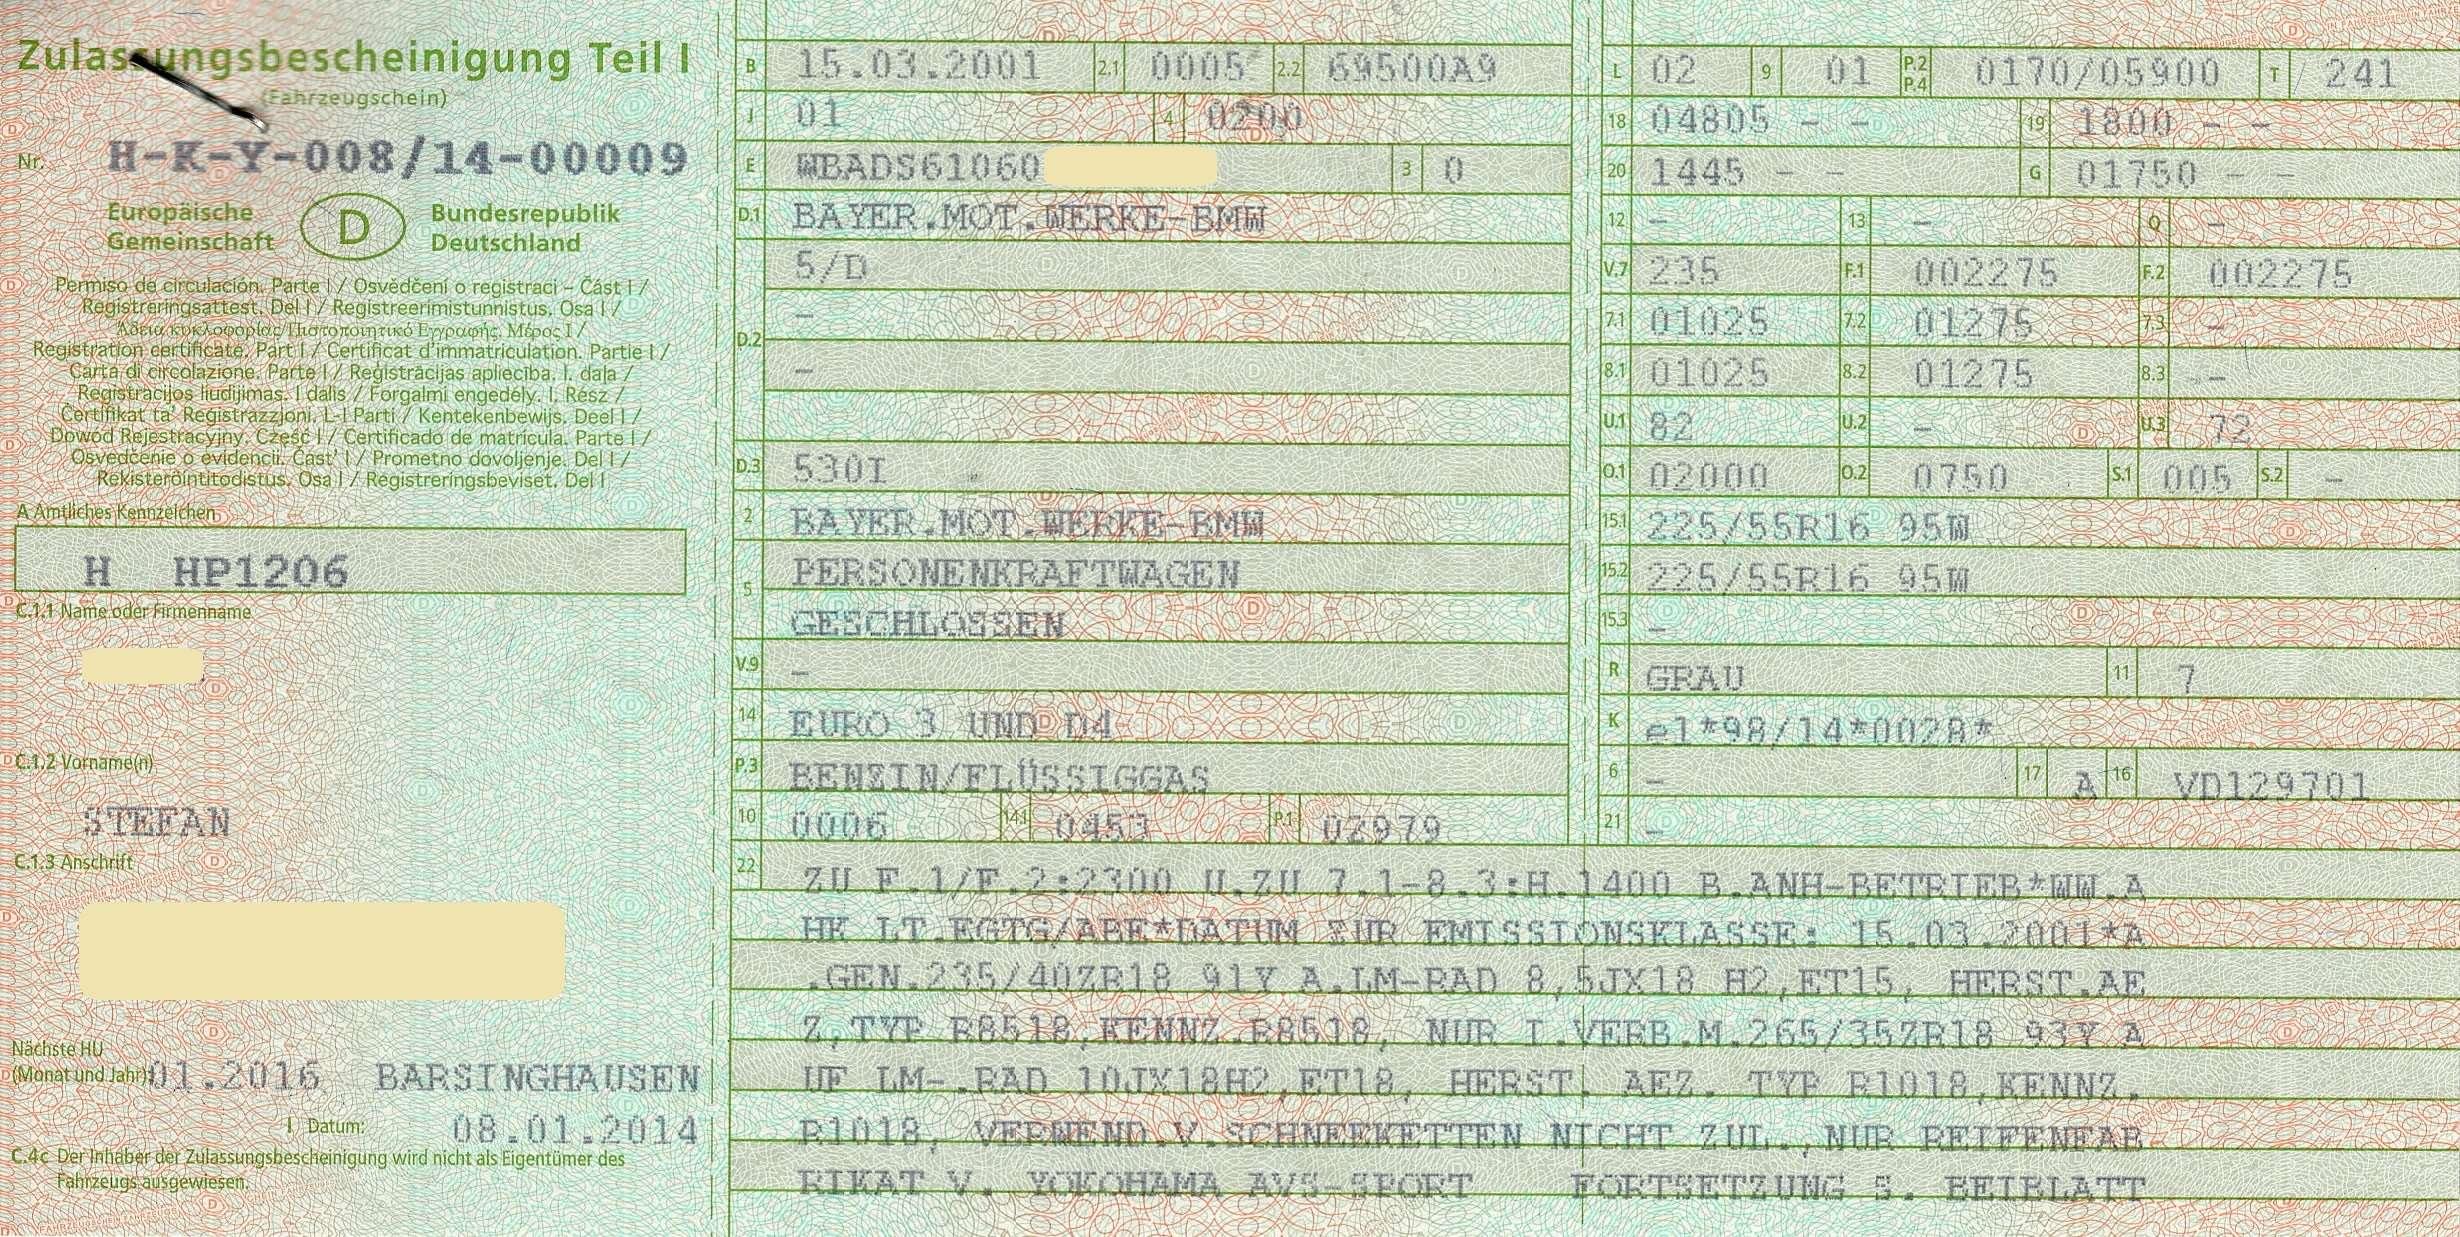 Sammlung Von Eintragungen In Zulassungsbescheinigungen